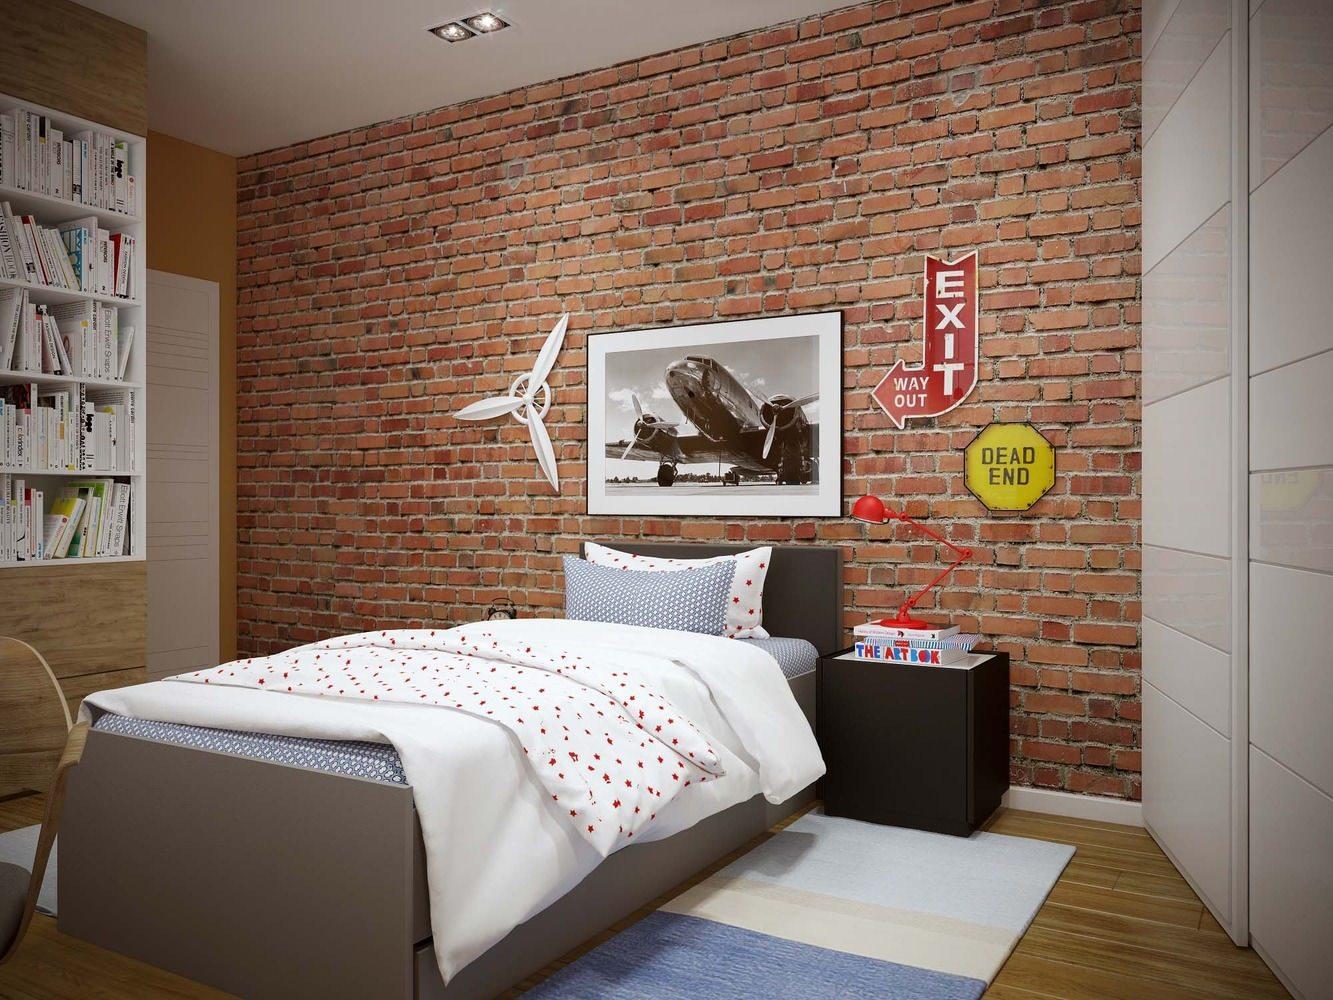 Комната для мальчика подростка в стиле лофт украшается изображениями супергероев, ретро-машин, дорожными знаками, витражными табличками